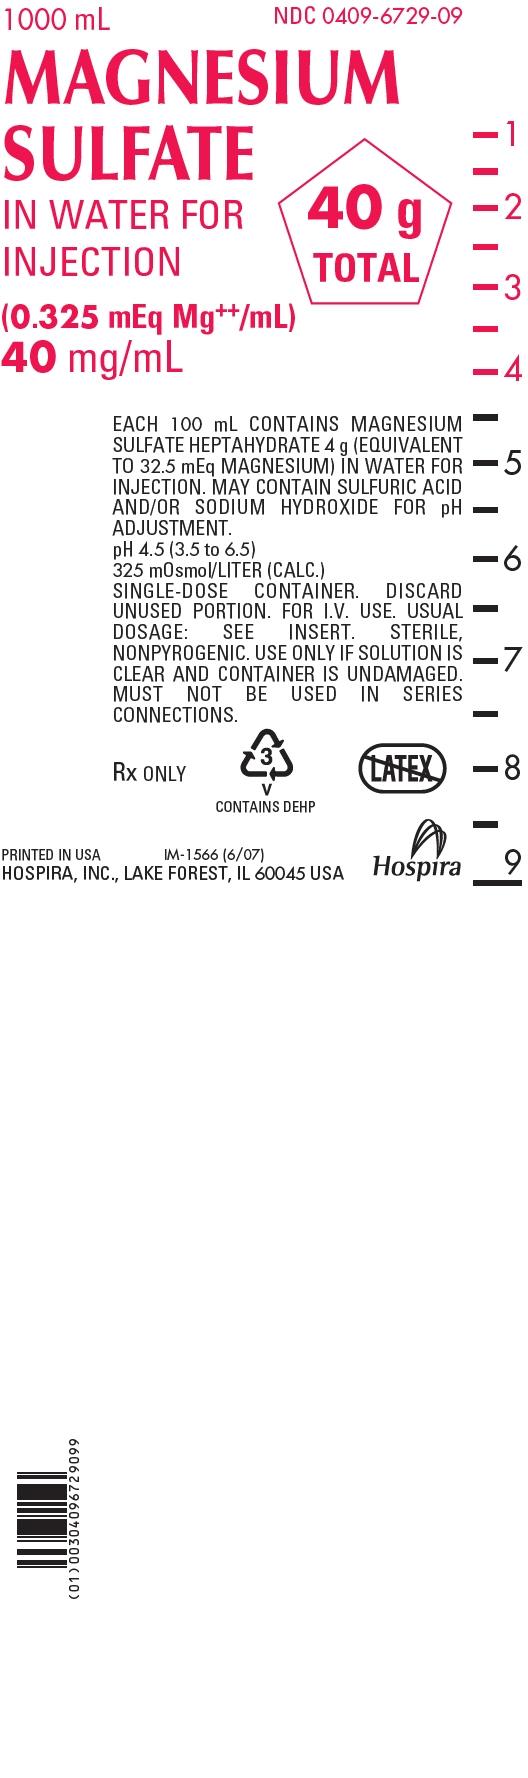 PRINCIPAL DISPLAY PANEL - 40 mg/mL Bag Label - 1000 mL